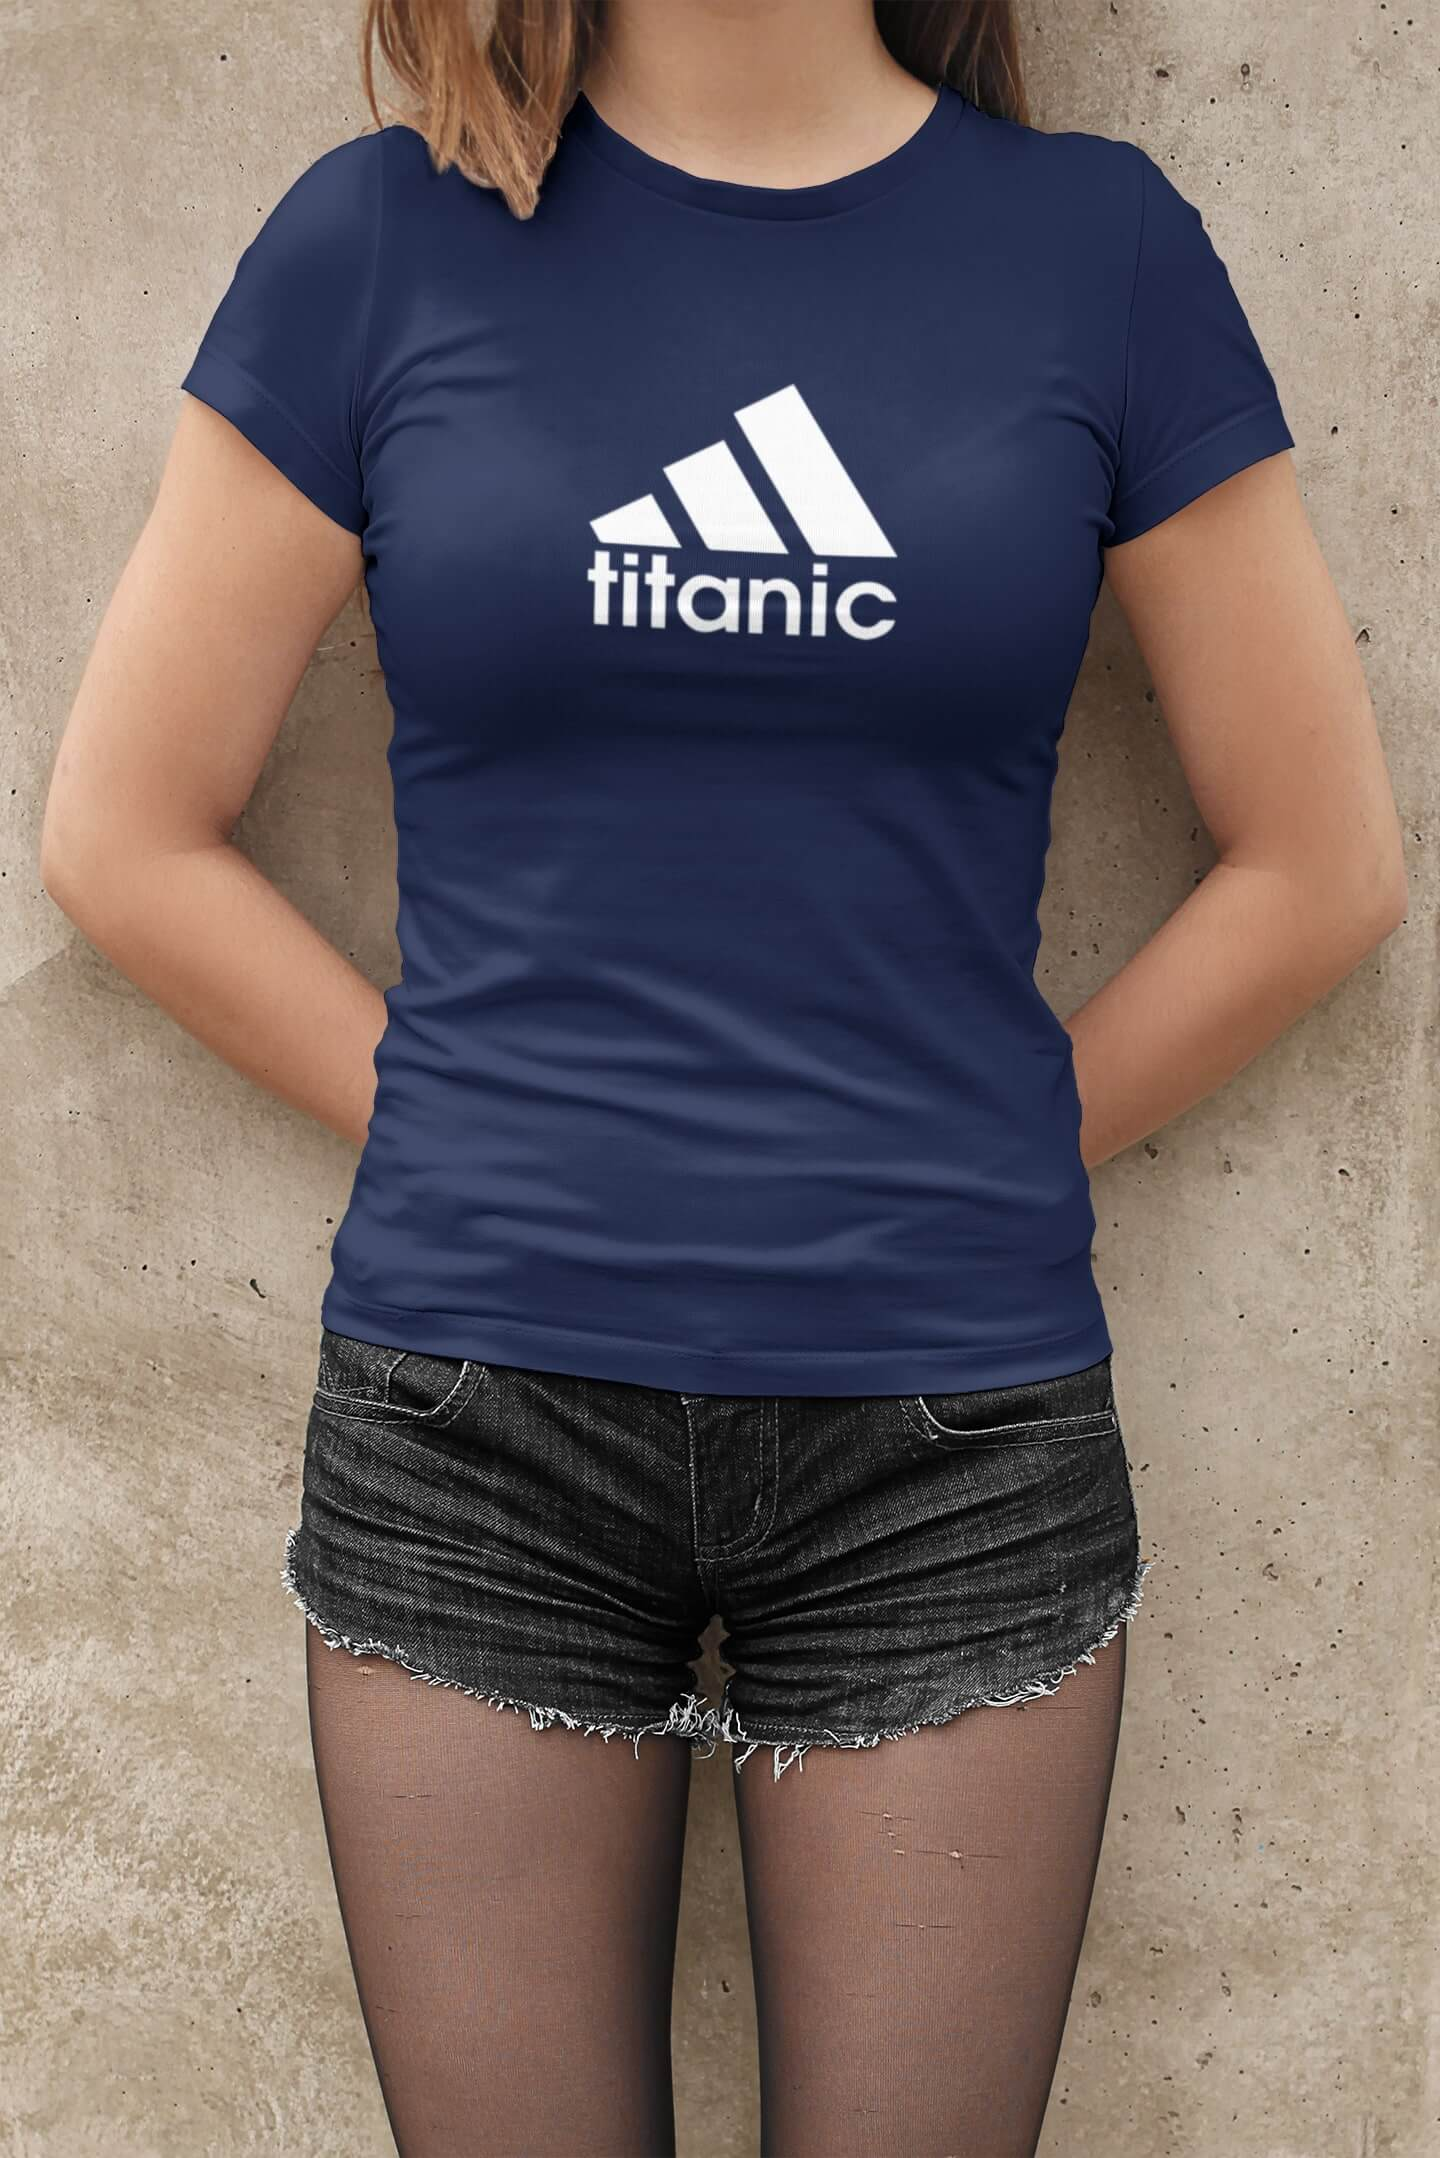 MMO Dámske tričko Titanic Vyberte farbu: Polnočná modrá, Vyberte veľkosť: XL